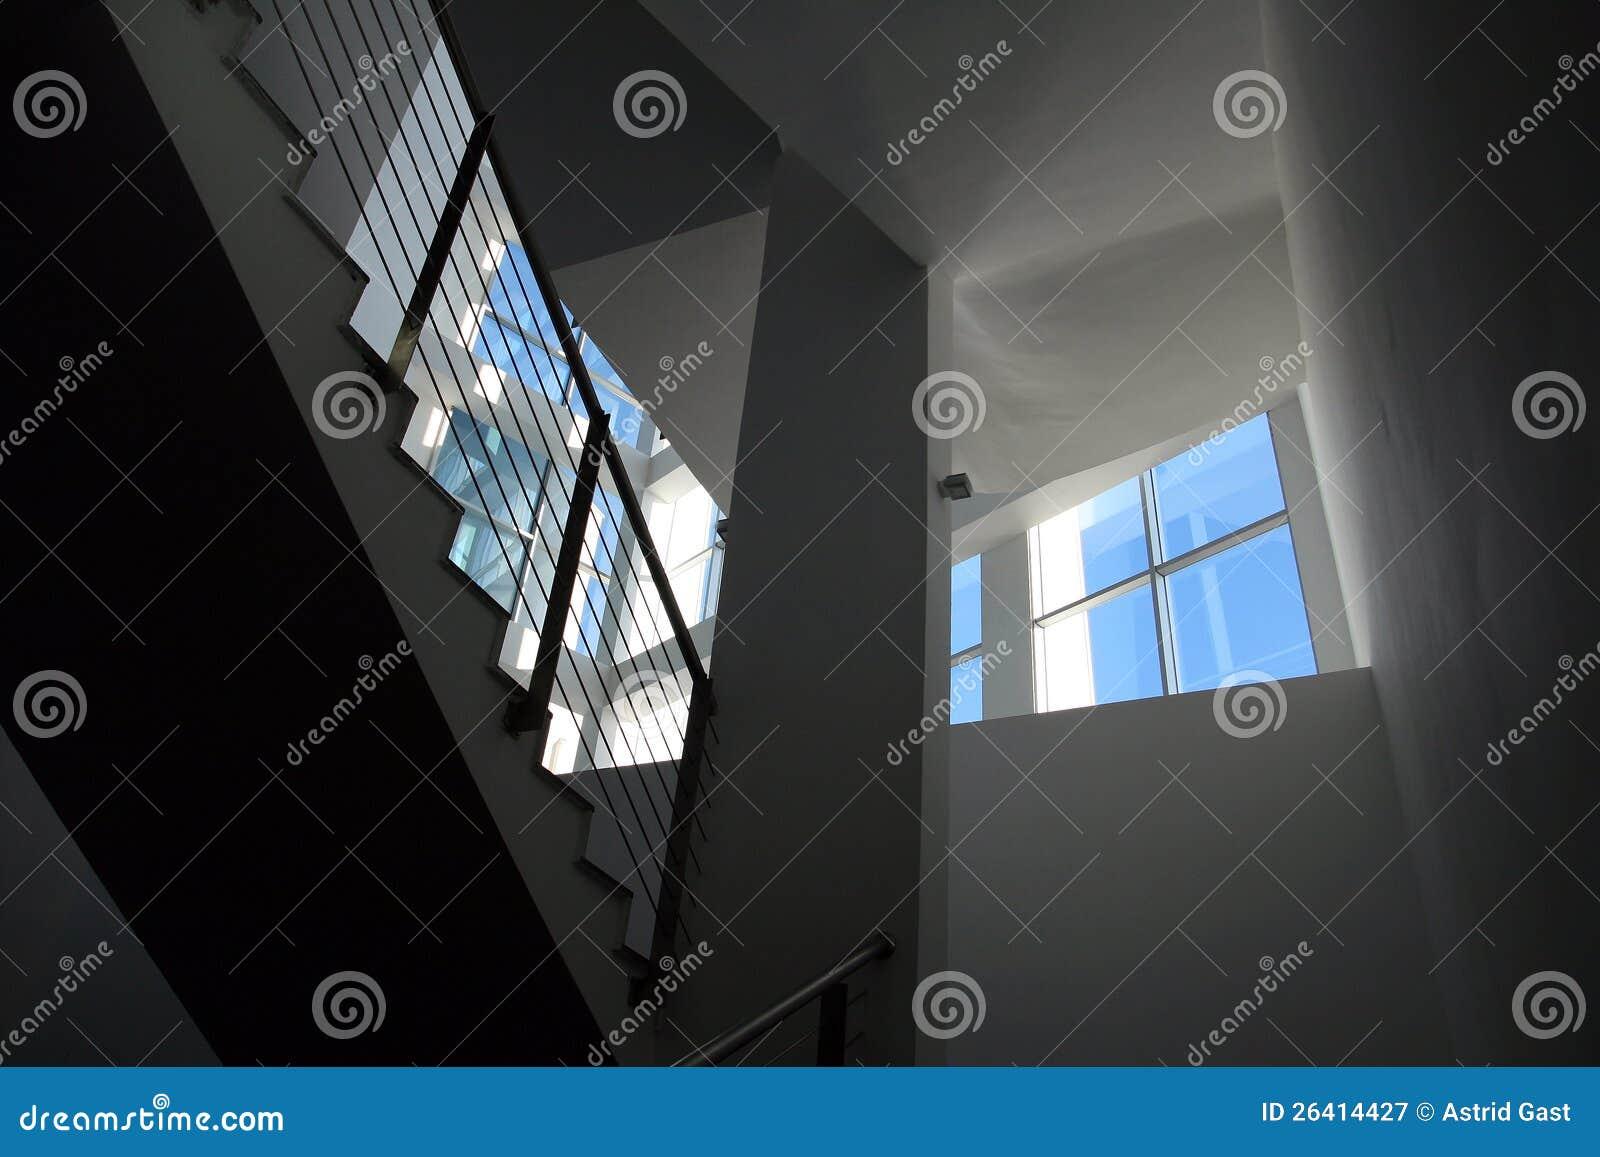 une cage d 39 escalier lumineuse moderne photographie stock libre de droits image 26414427. Black Bedroom Furniture Sets. Home Design Ideas